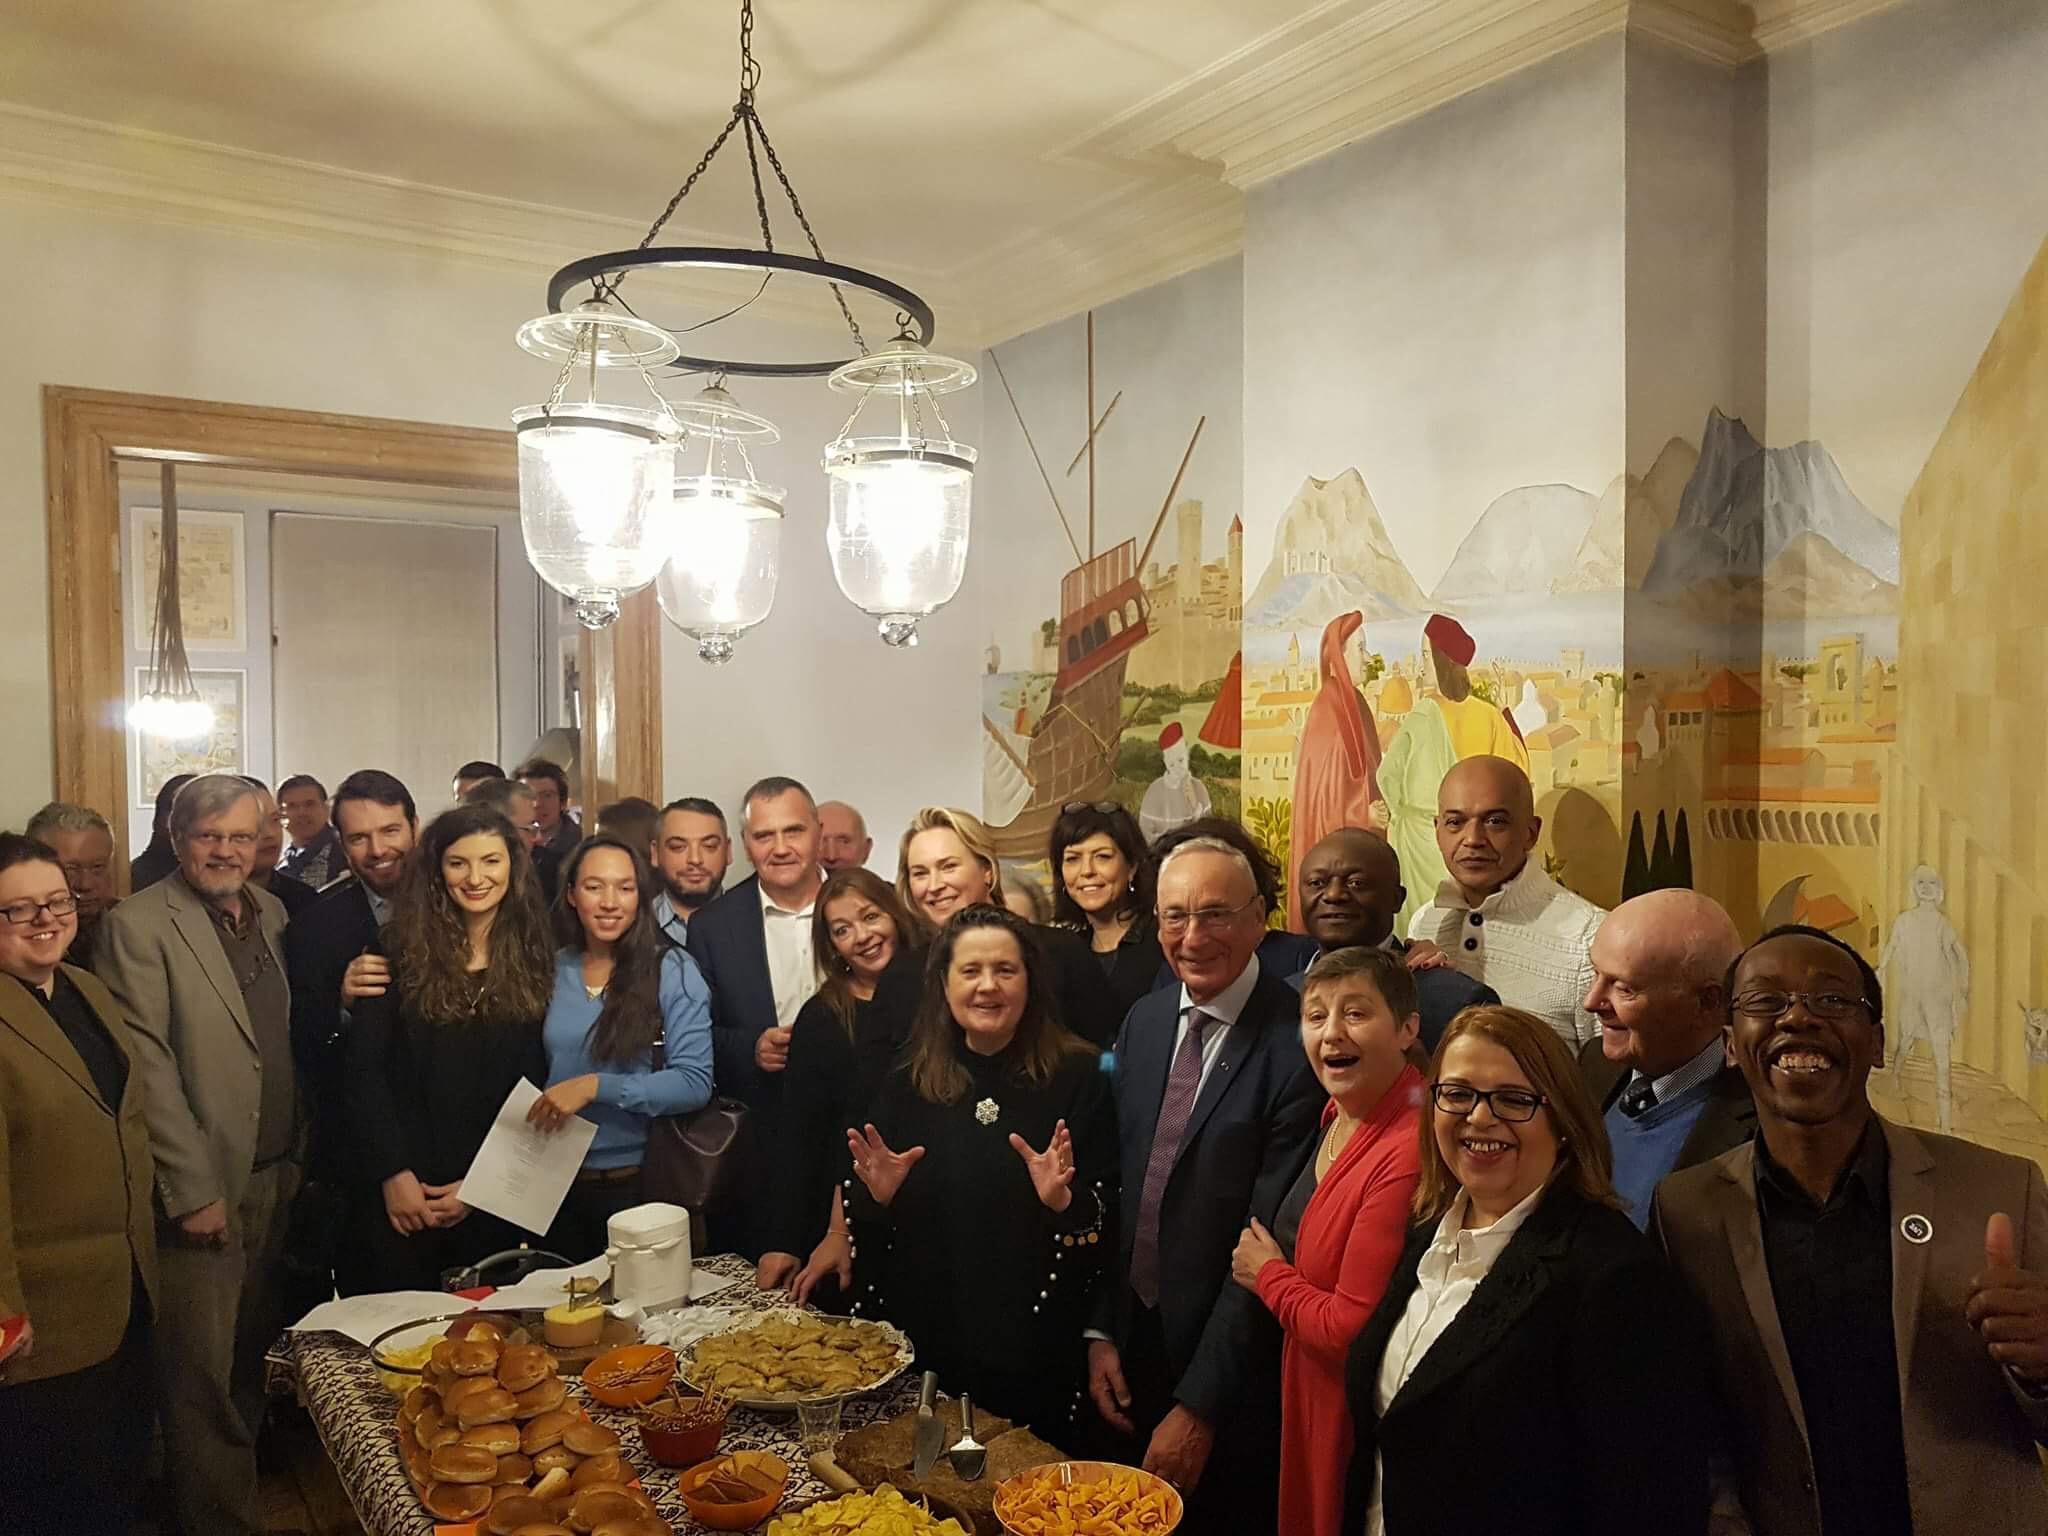 Ce mardi 9 janvier, réception de nouvel an de la section d'Ixelles. Ambiance festive et chantante :-)